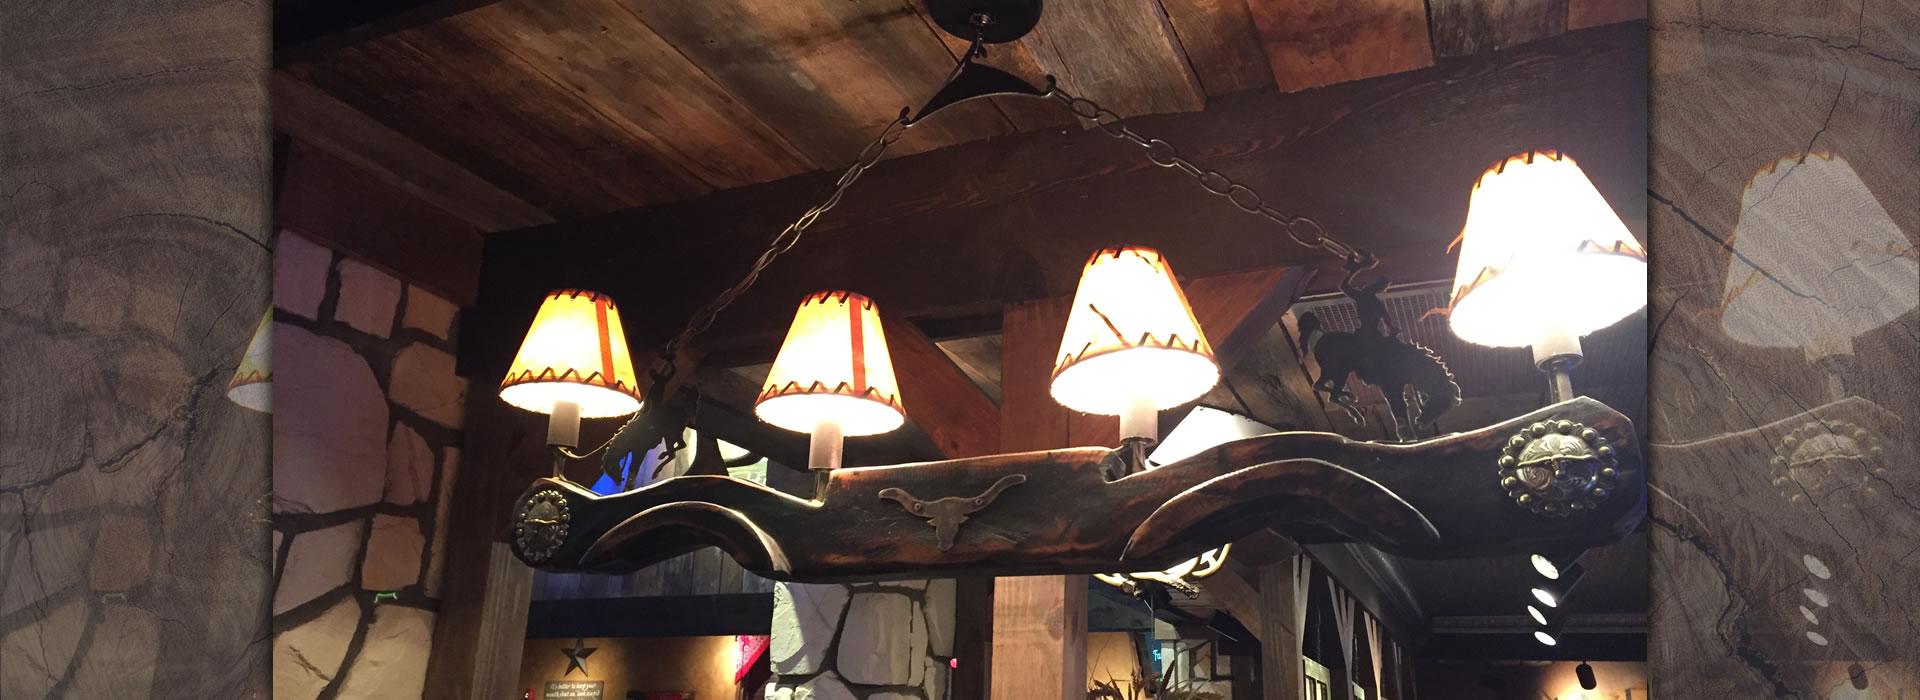 Old Wood 4 Light